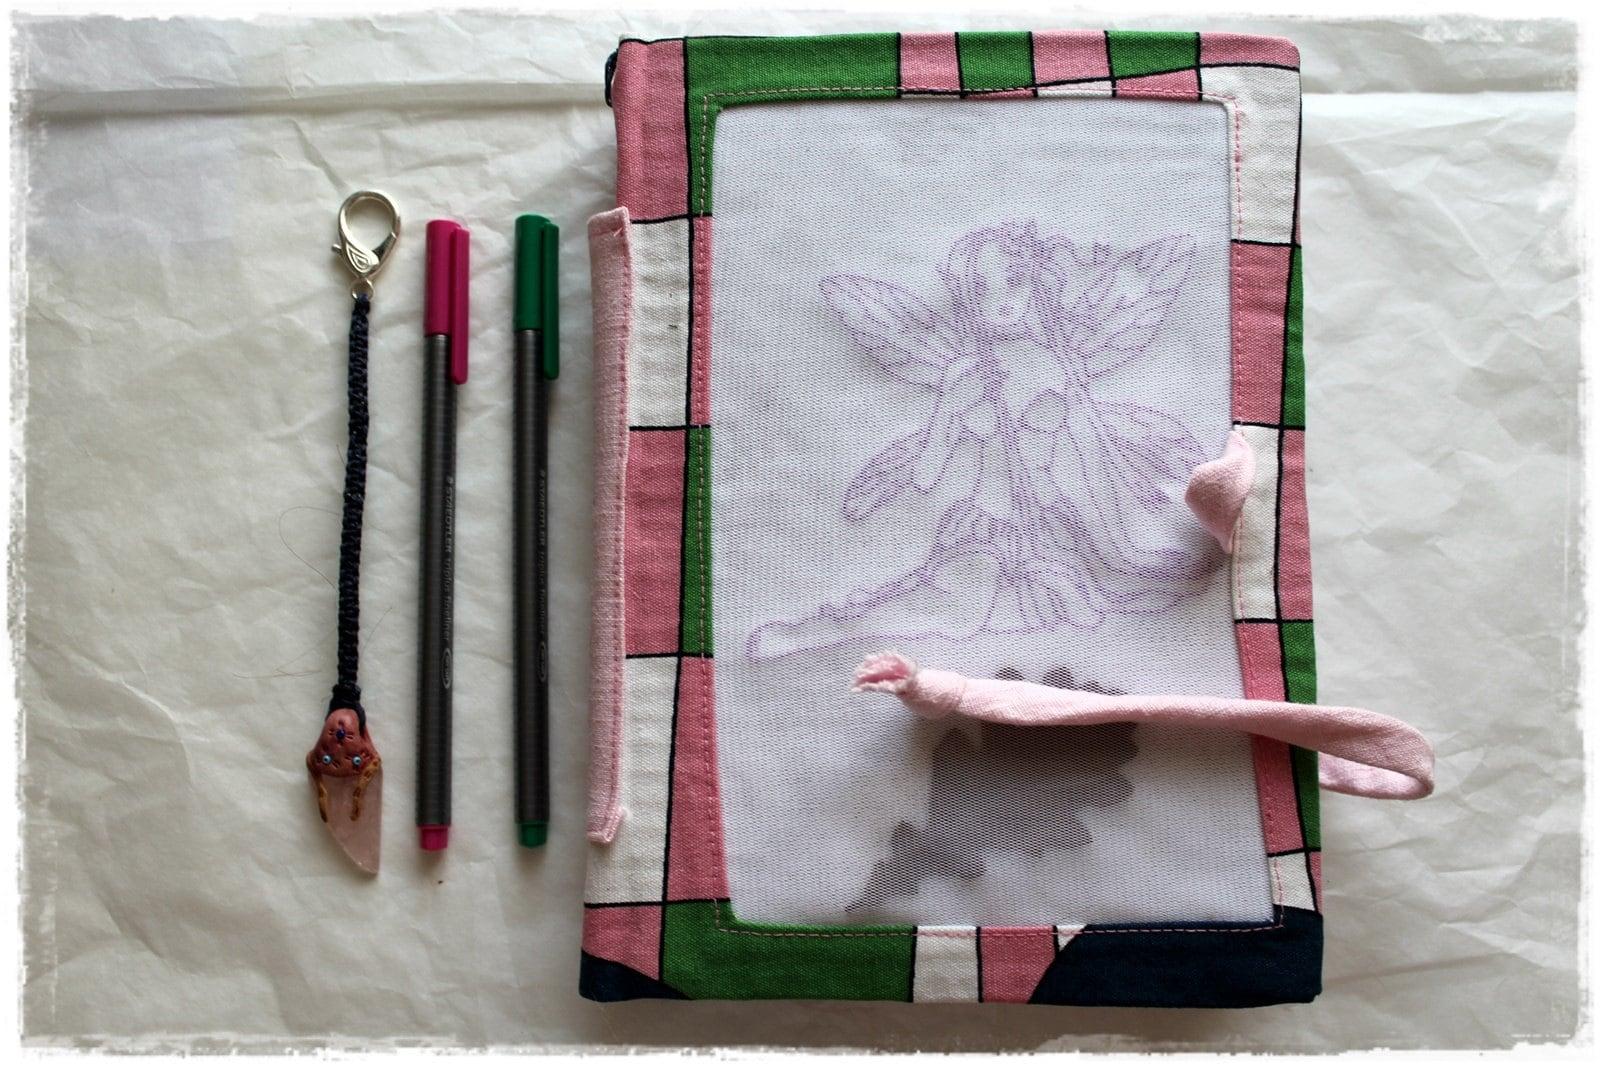 carnet artisanal, bujo, litho-thérapie, bullet journal